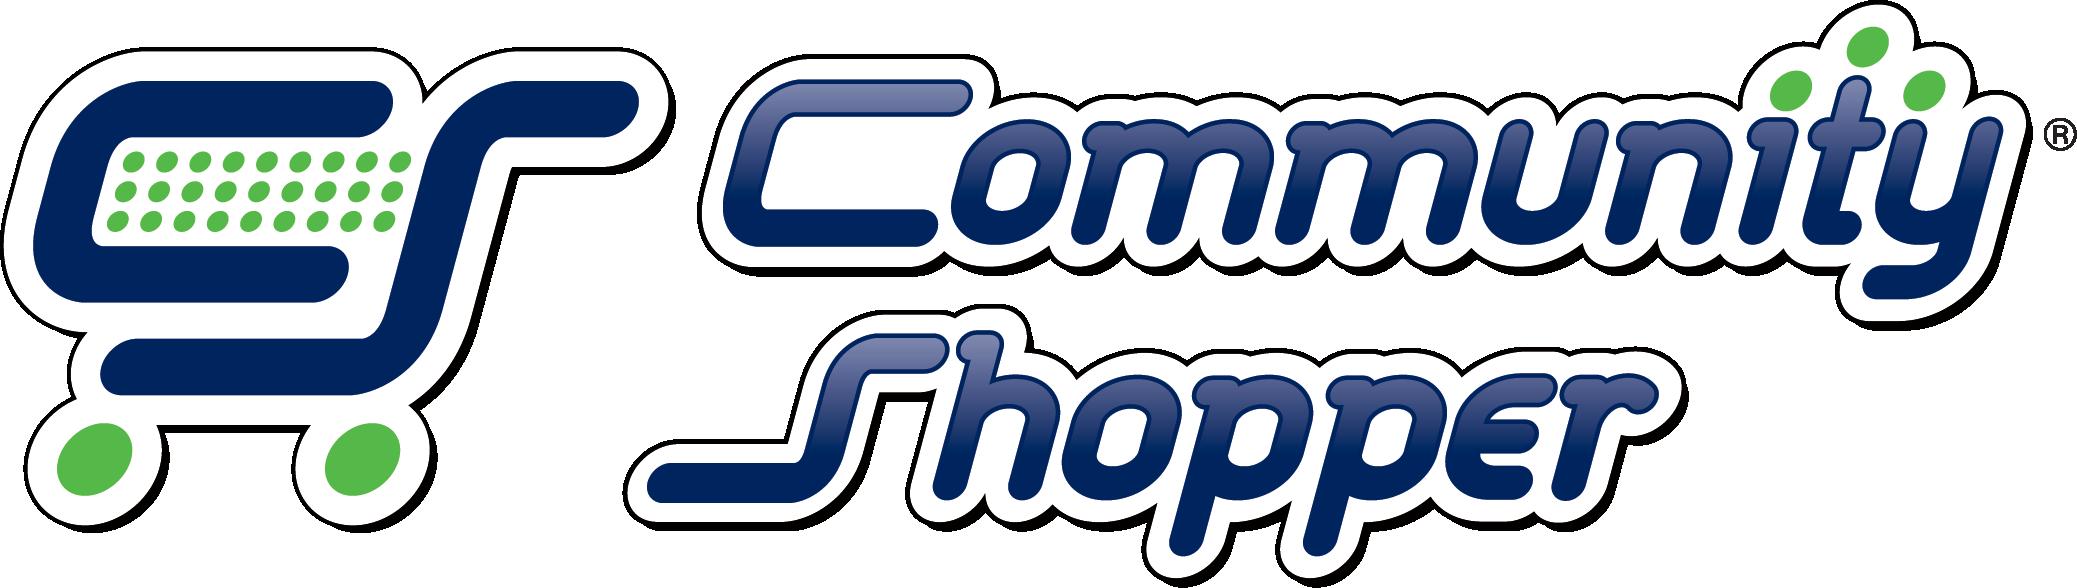 CommunityShopper